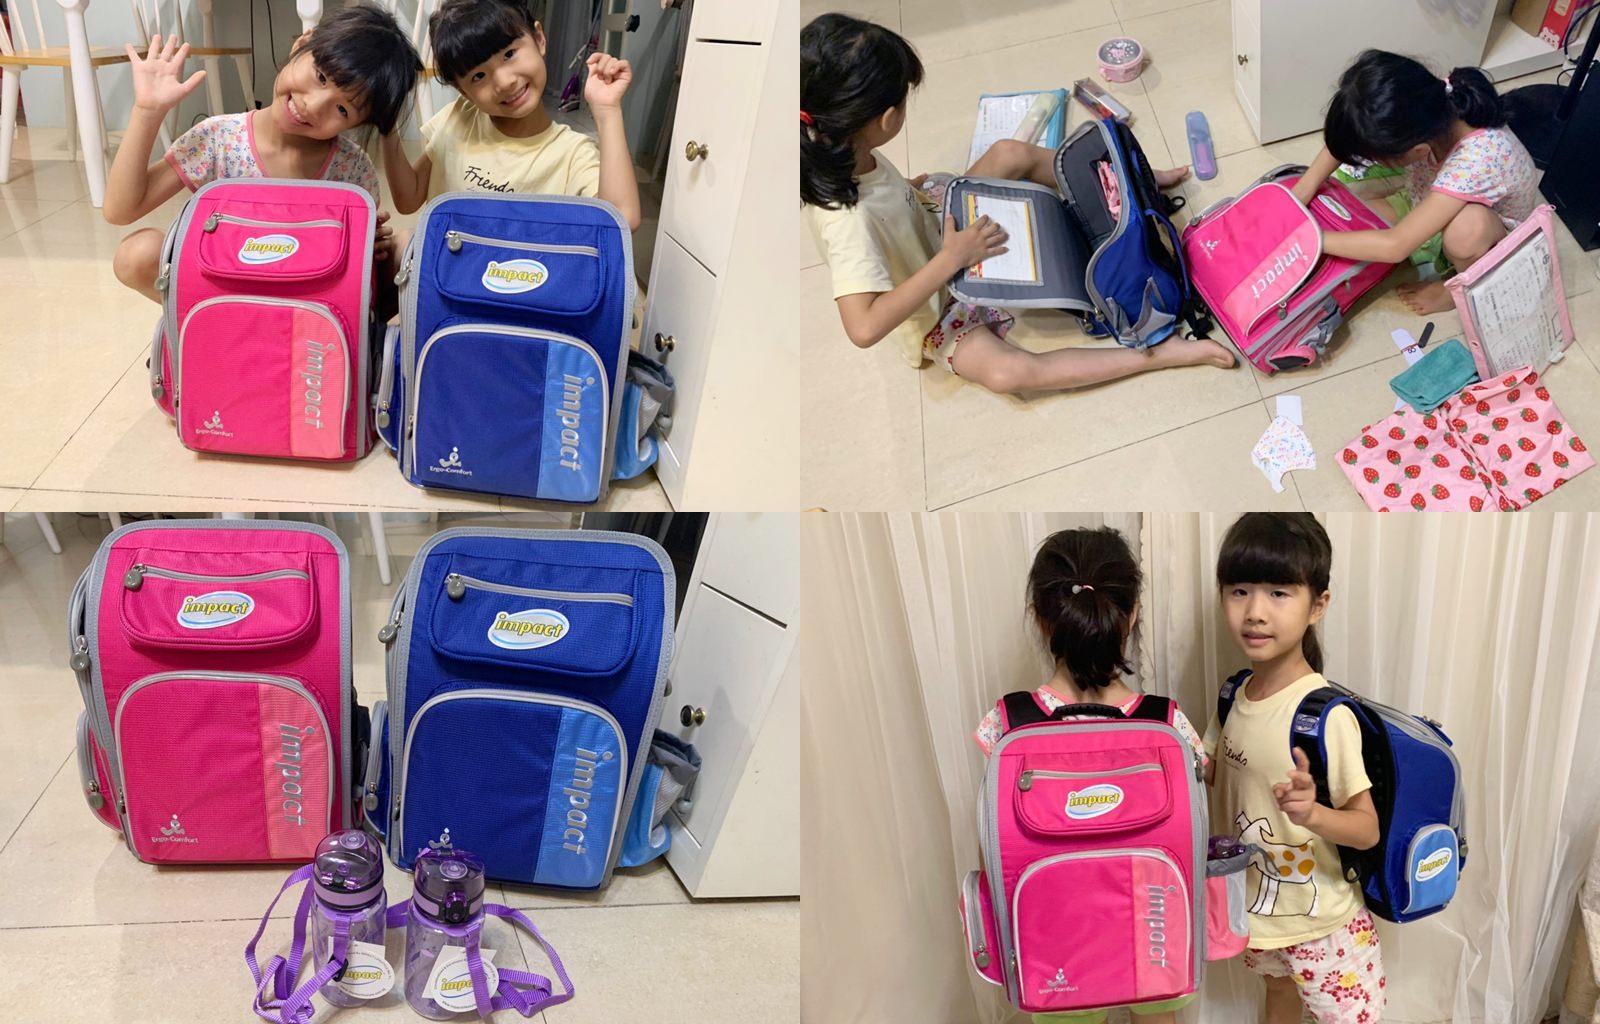 小學書包第一品牌《impact怡寶》經典款護脊書包,精選4件組指定款,只要3.7折團購優惠價入手書包+水杯+午餐袋+筆袋喔!